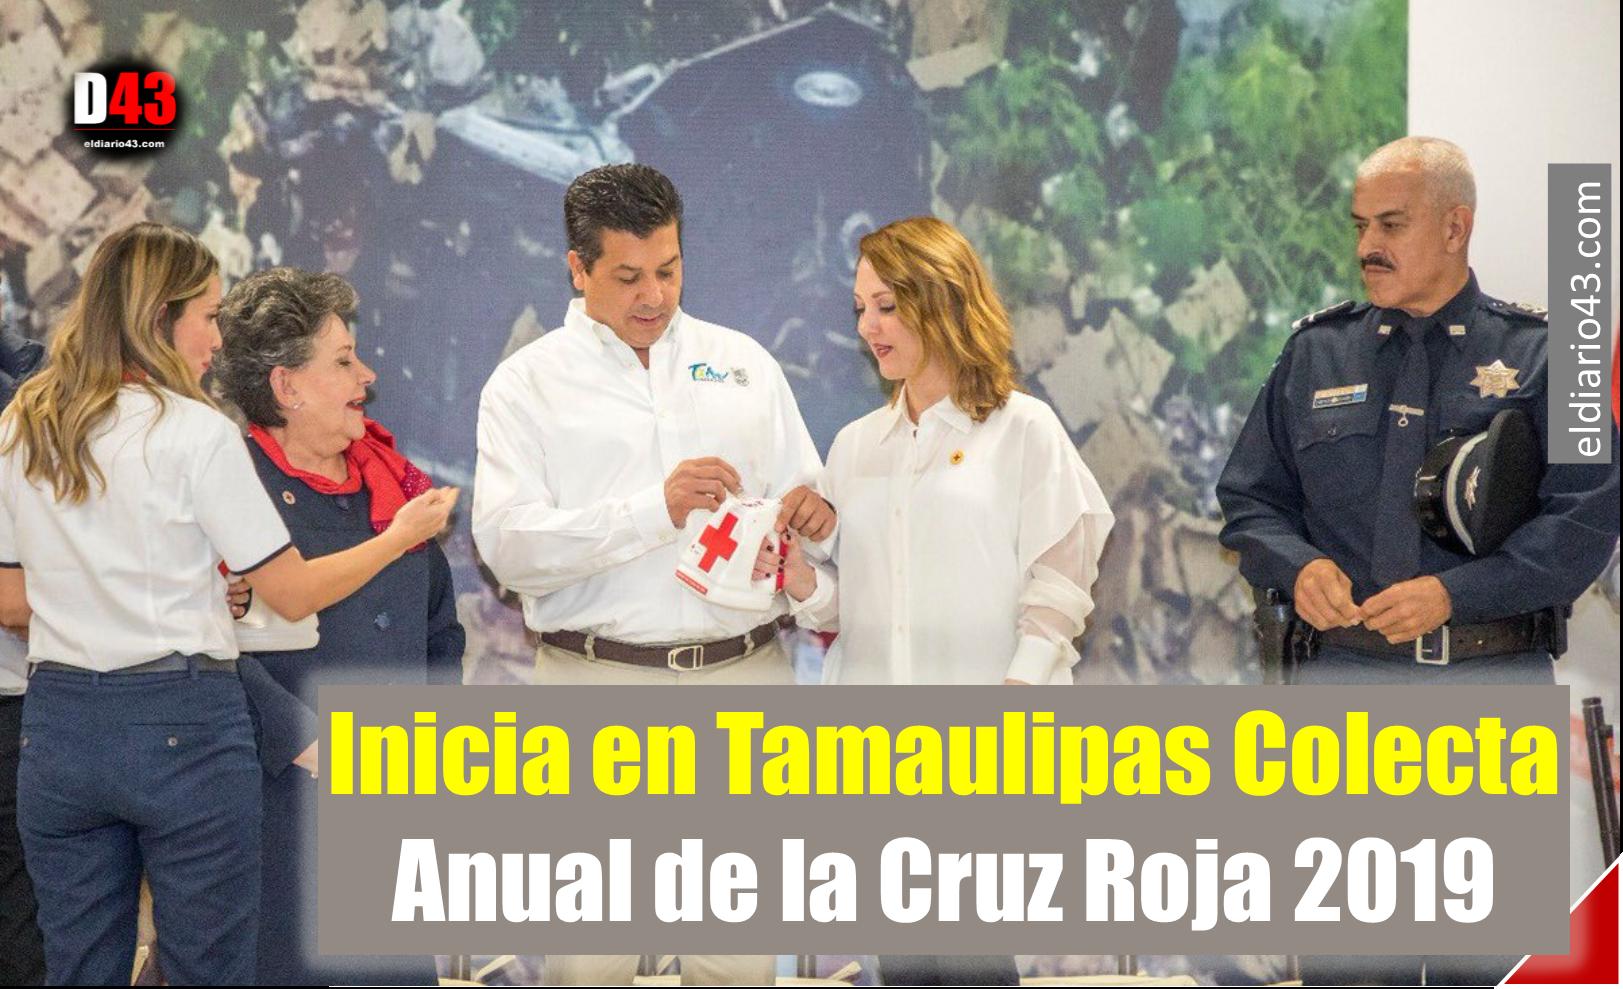 Inicia en Tamaulipas Colecta Anual de la Cruz Roja 2019